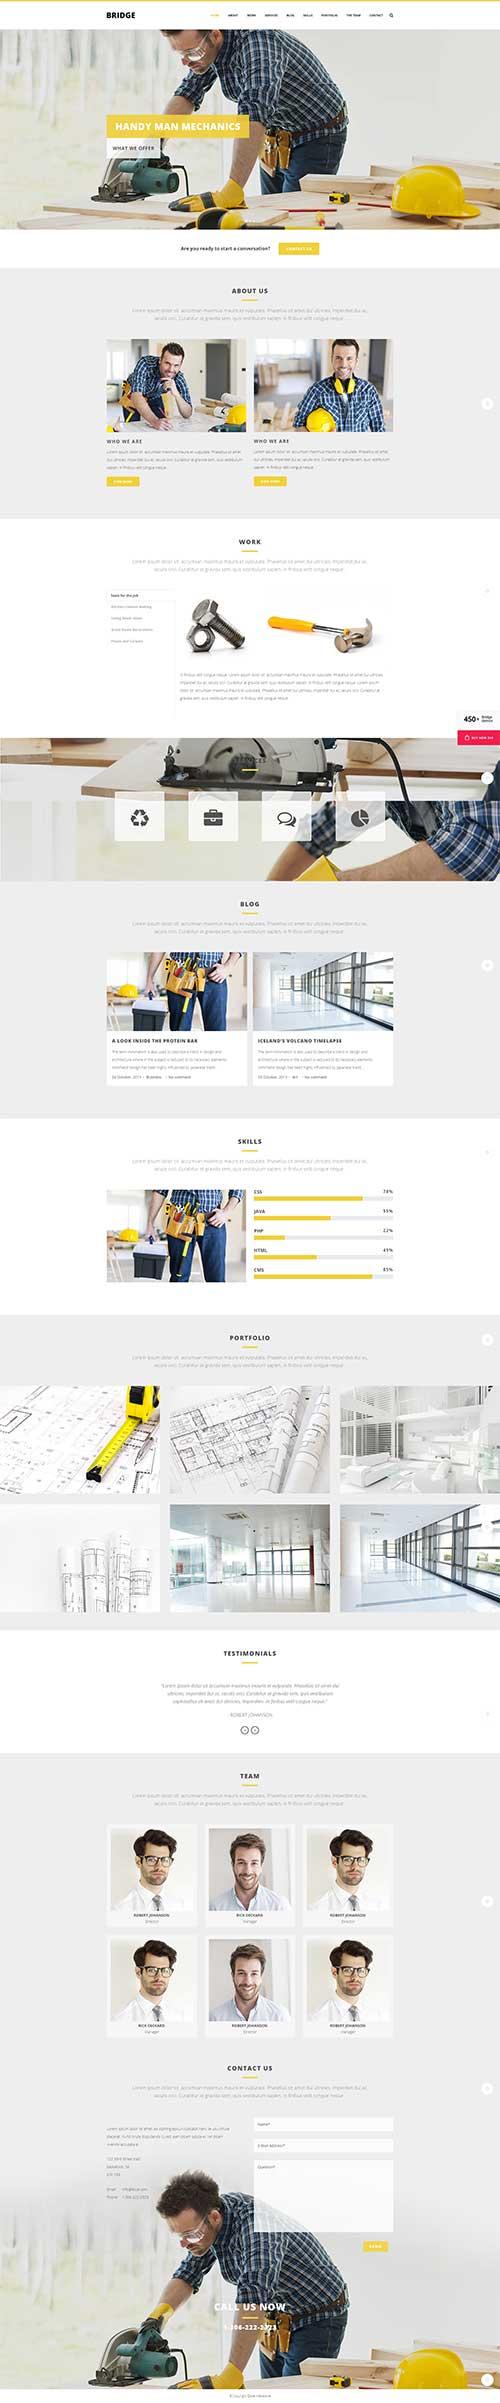 Mẫu website Thi công, Sửa chữa Cơ khí, thiết bị công nghiệp ...